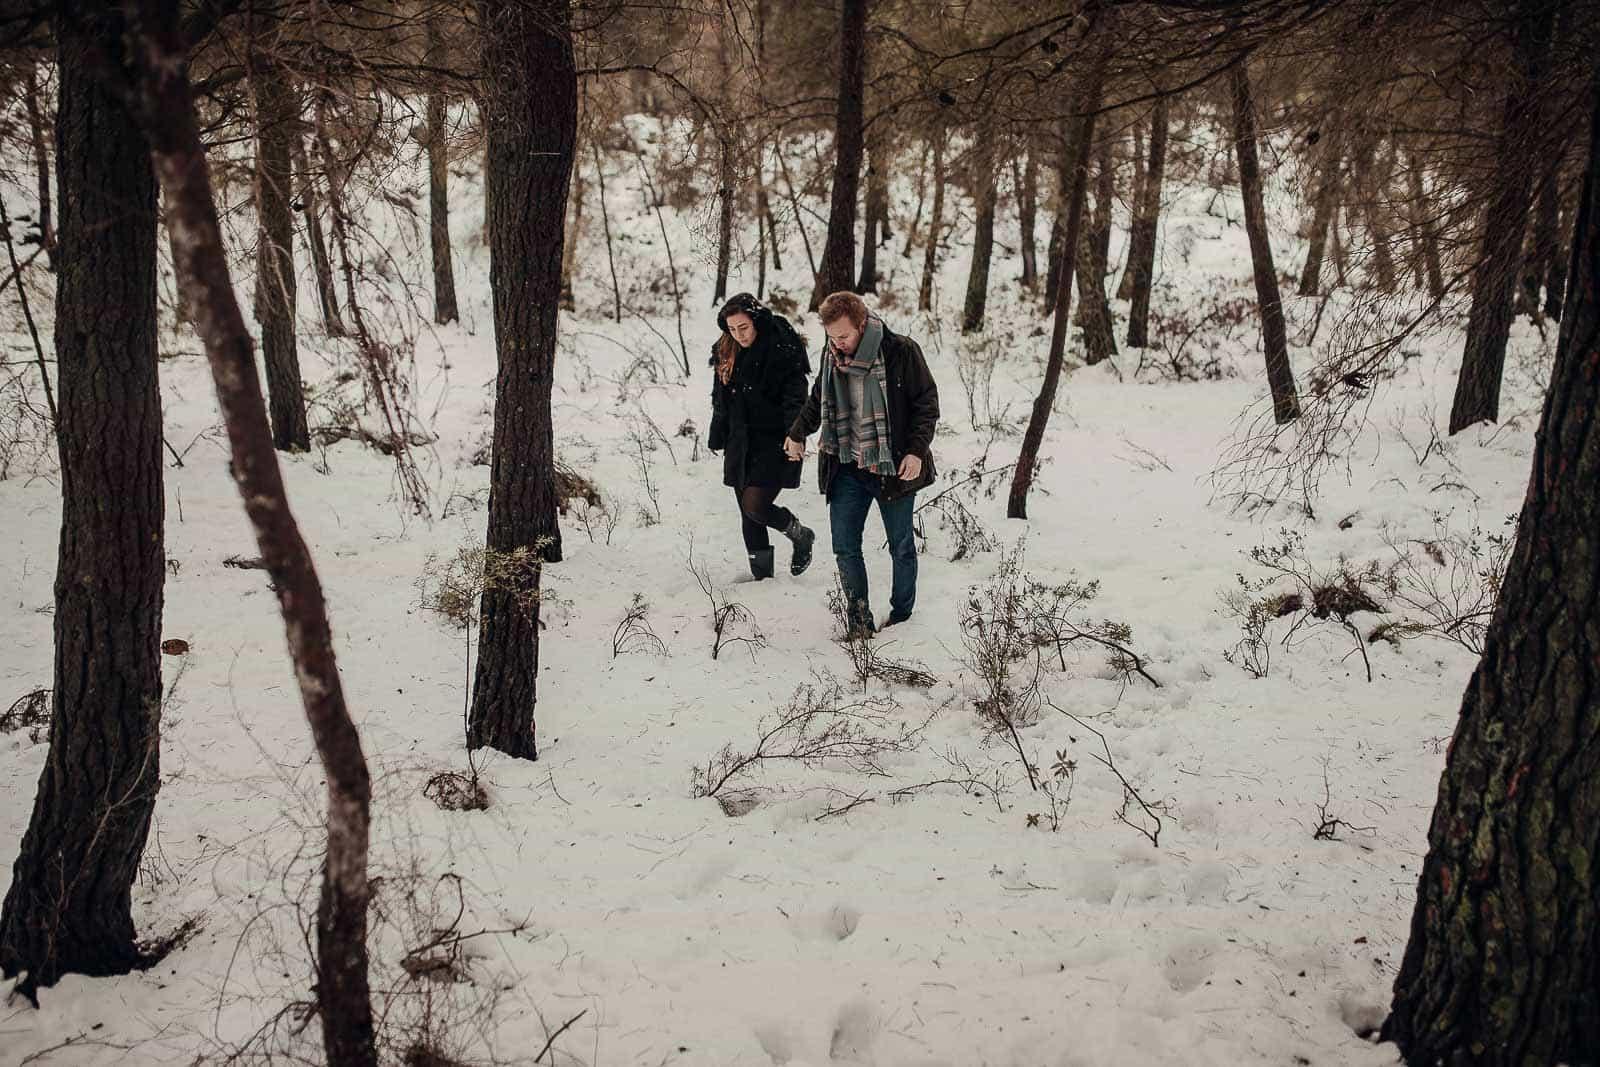 pareja paseo bosque invierno frio nieve